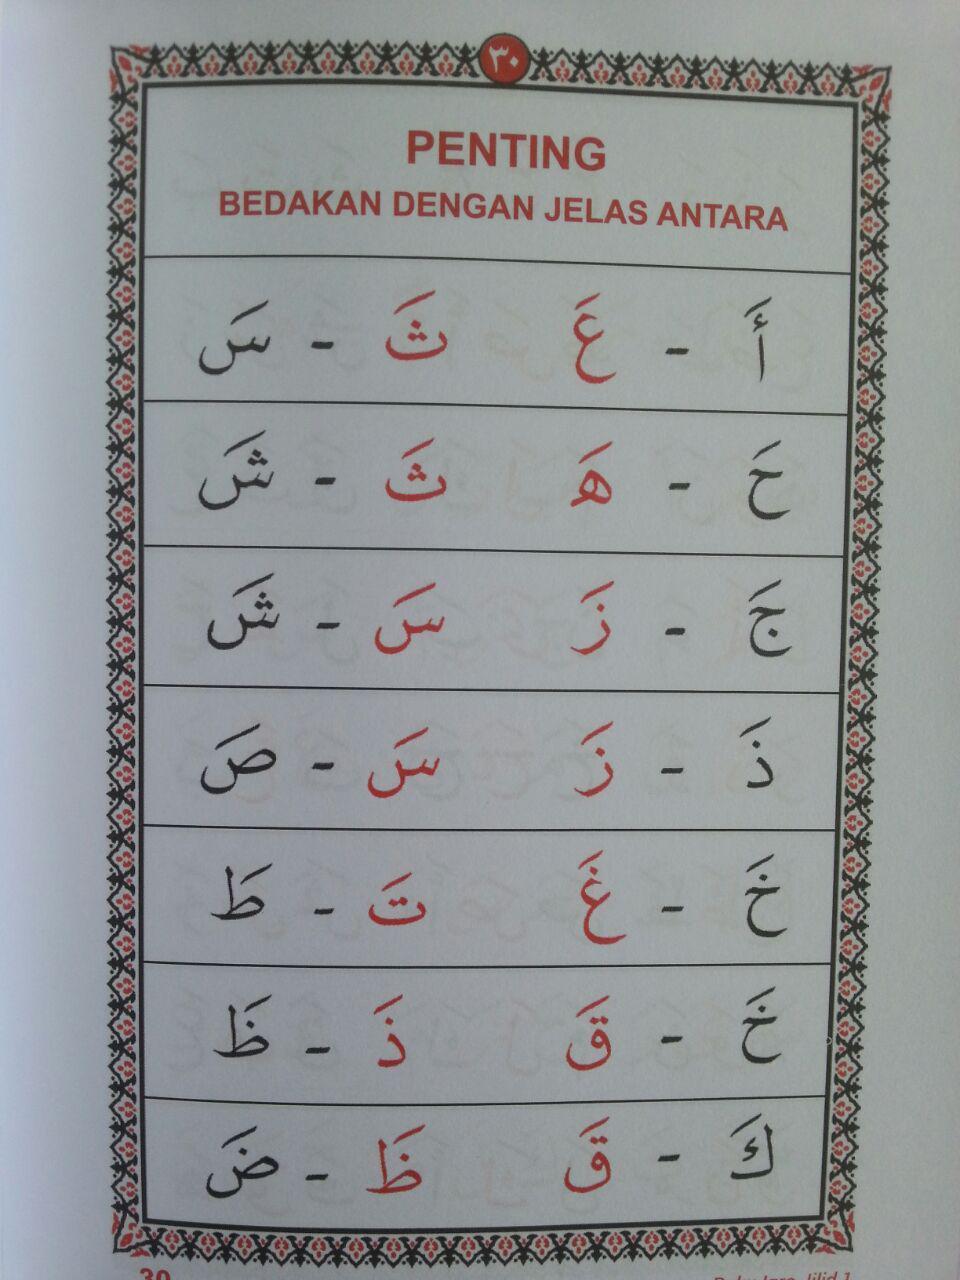 Buku Iqro Cara Cepat Belajar Membaca Qur'an Rasmul Utsmani A5 Set isi 2